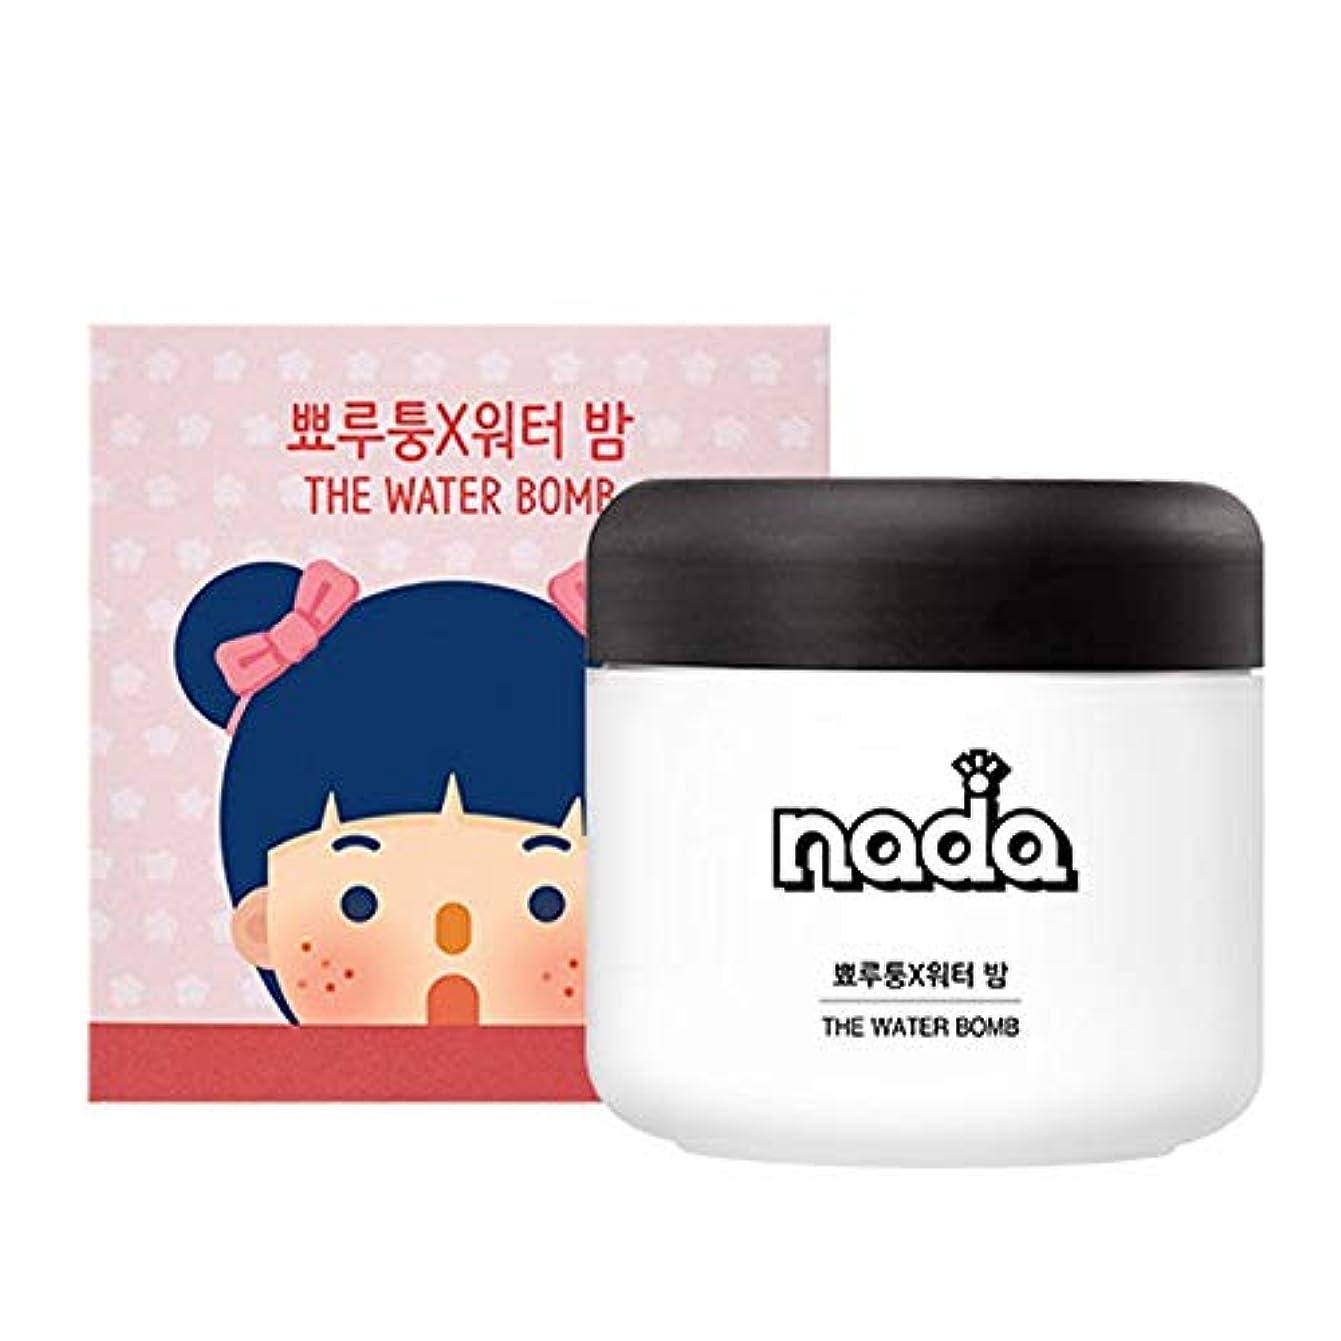 衛星無視魚BEST韓国水爆弾50グラムモイスチャライジングフェイスクリームケア寧アンチリンクル化粧品NADA